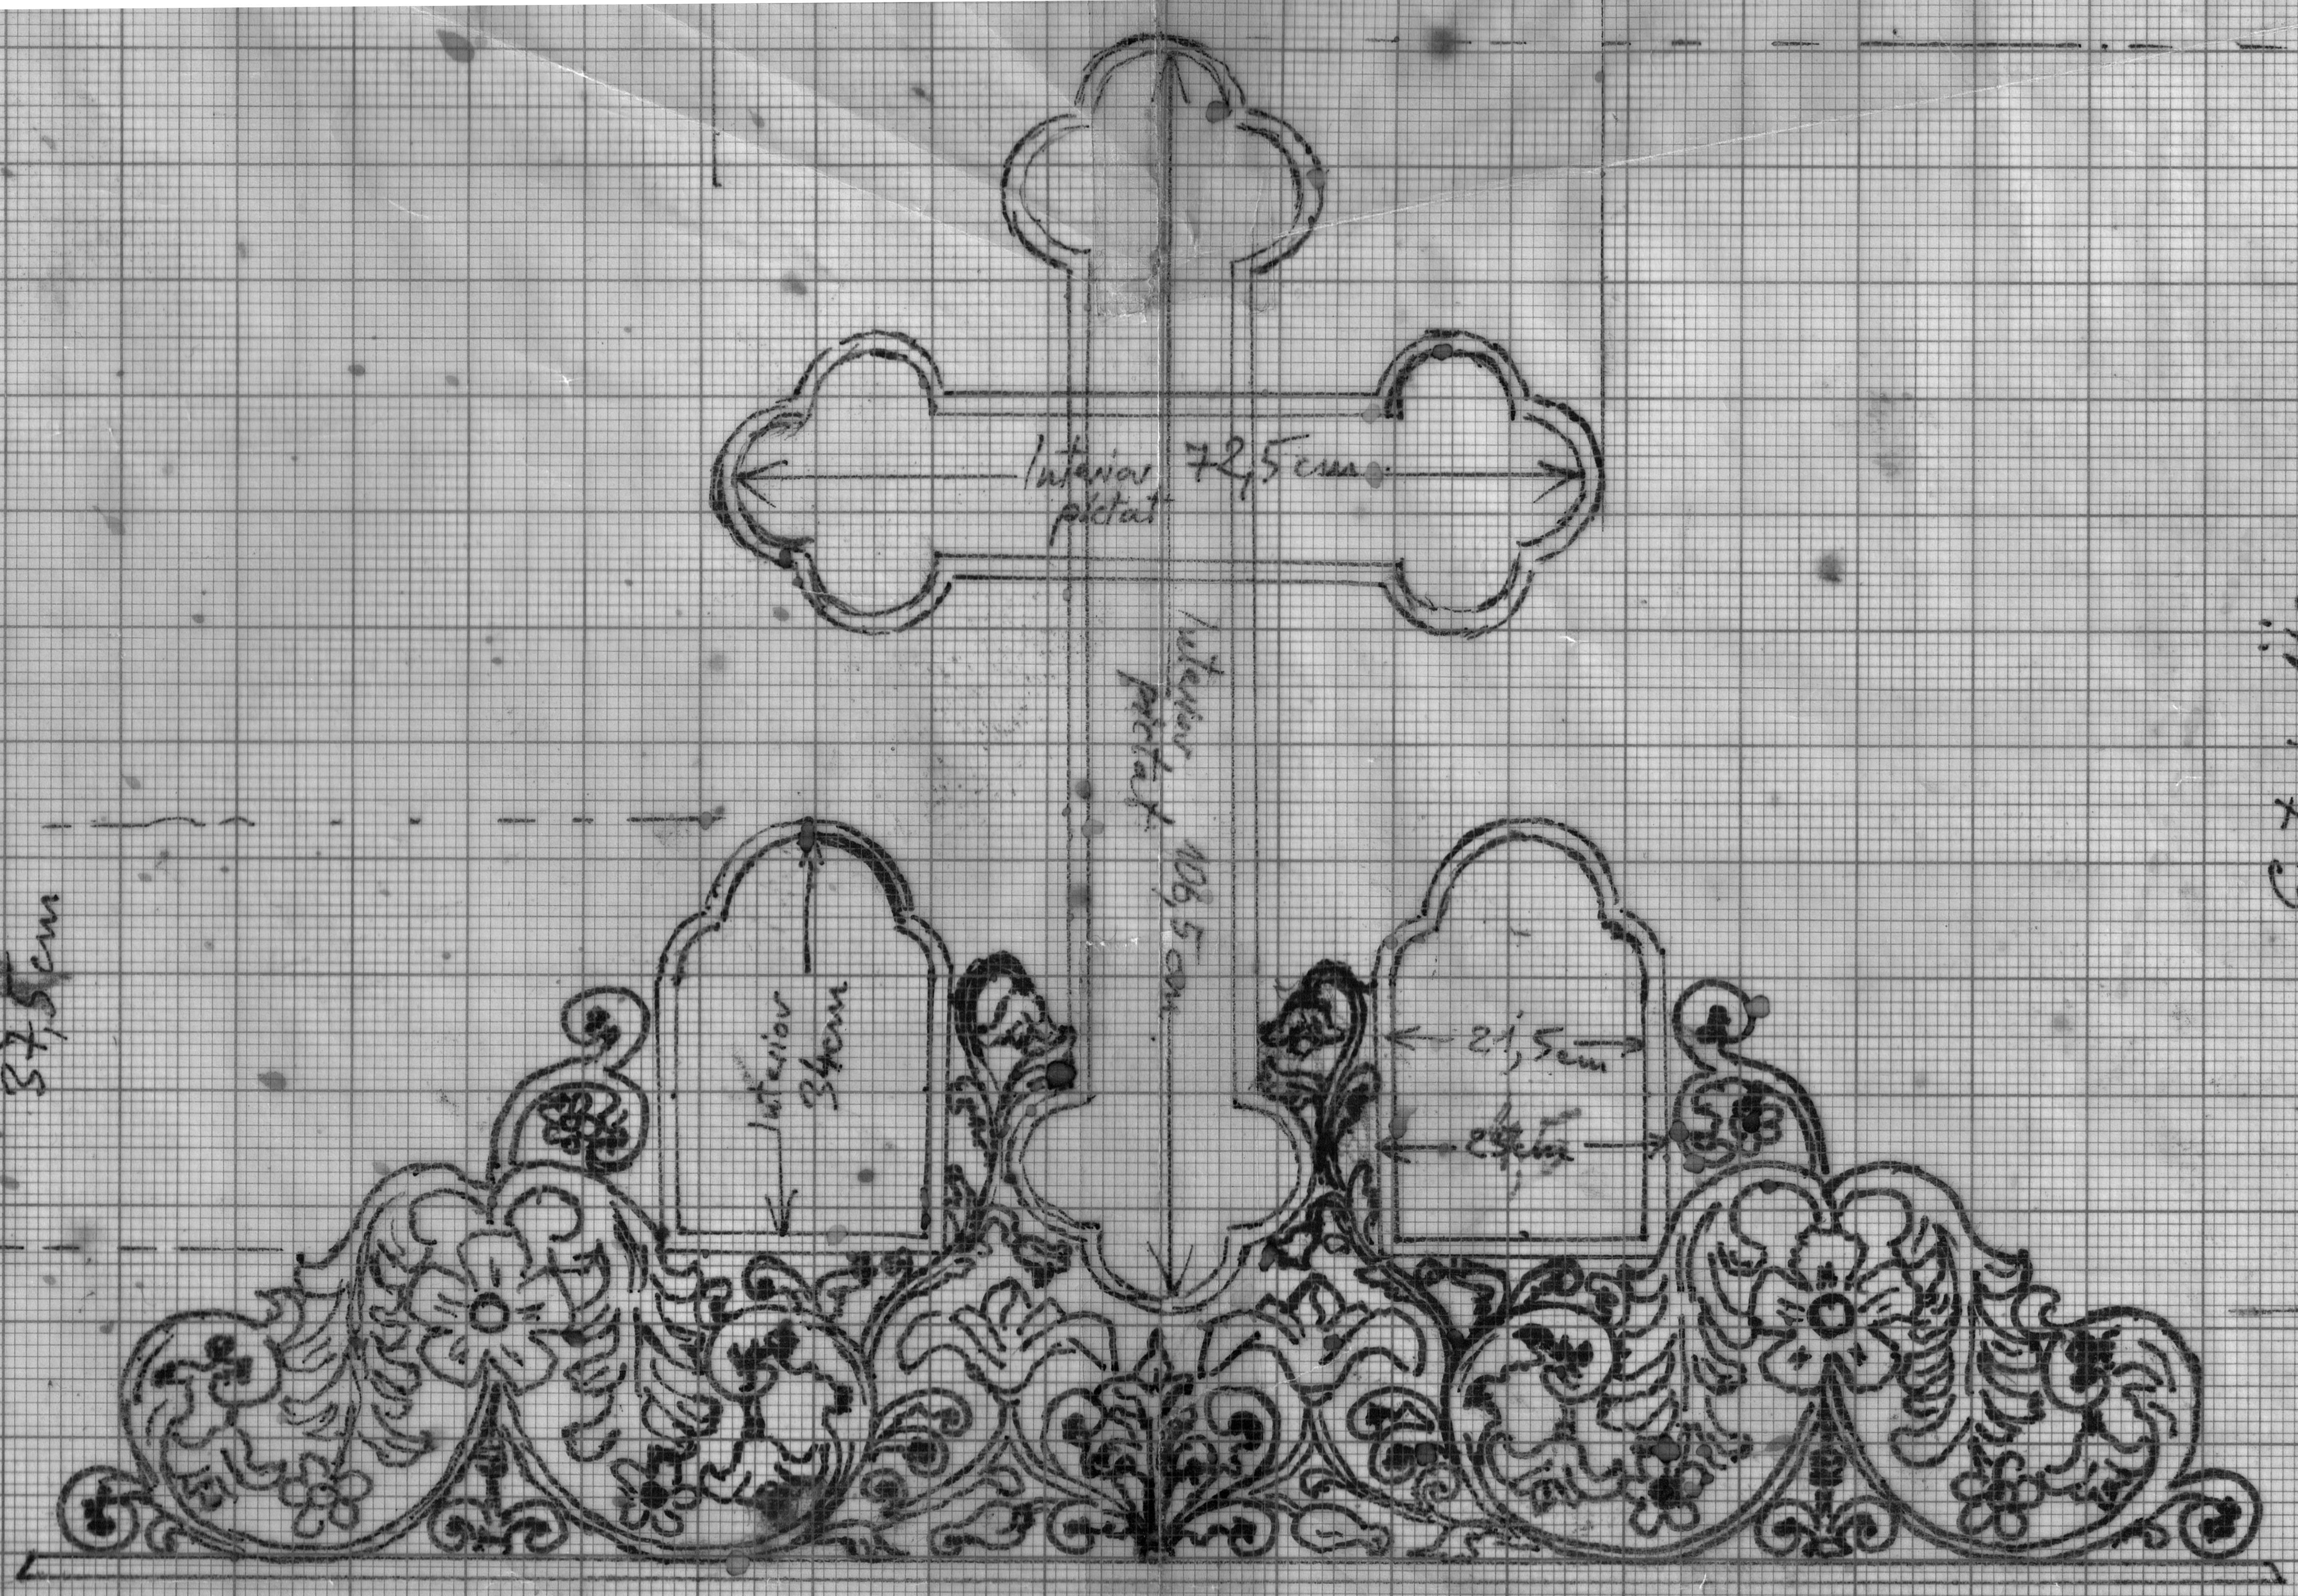 Gambar Hitam Dan Putih Menanam Pola Garis Gereja Menyeberang Satu Warna Kristen Putih Hitam Katolik Tanaman Merambat Seni Ilustrasi Desain Altar Anggur Bentuk Gambar Kartun Ikonostasis Gambar Pensil Protestan Ortodoks Yunani